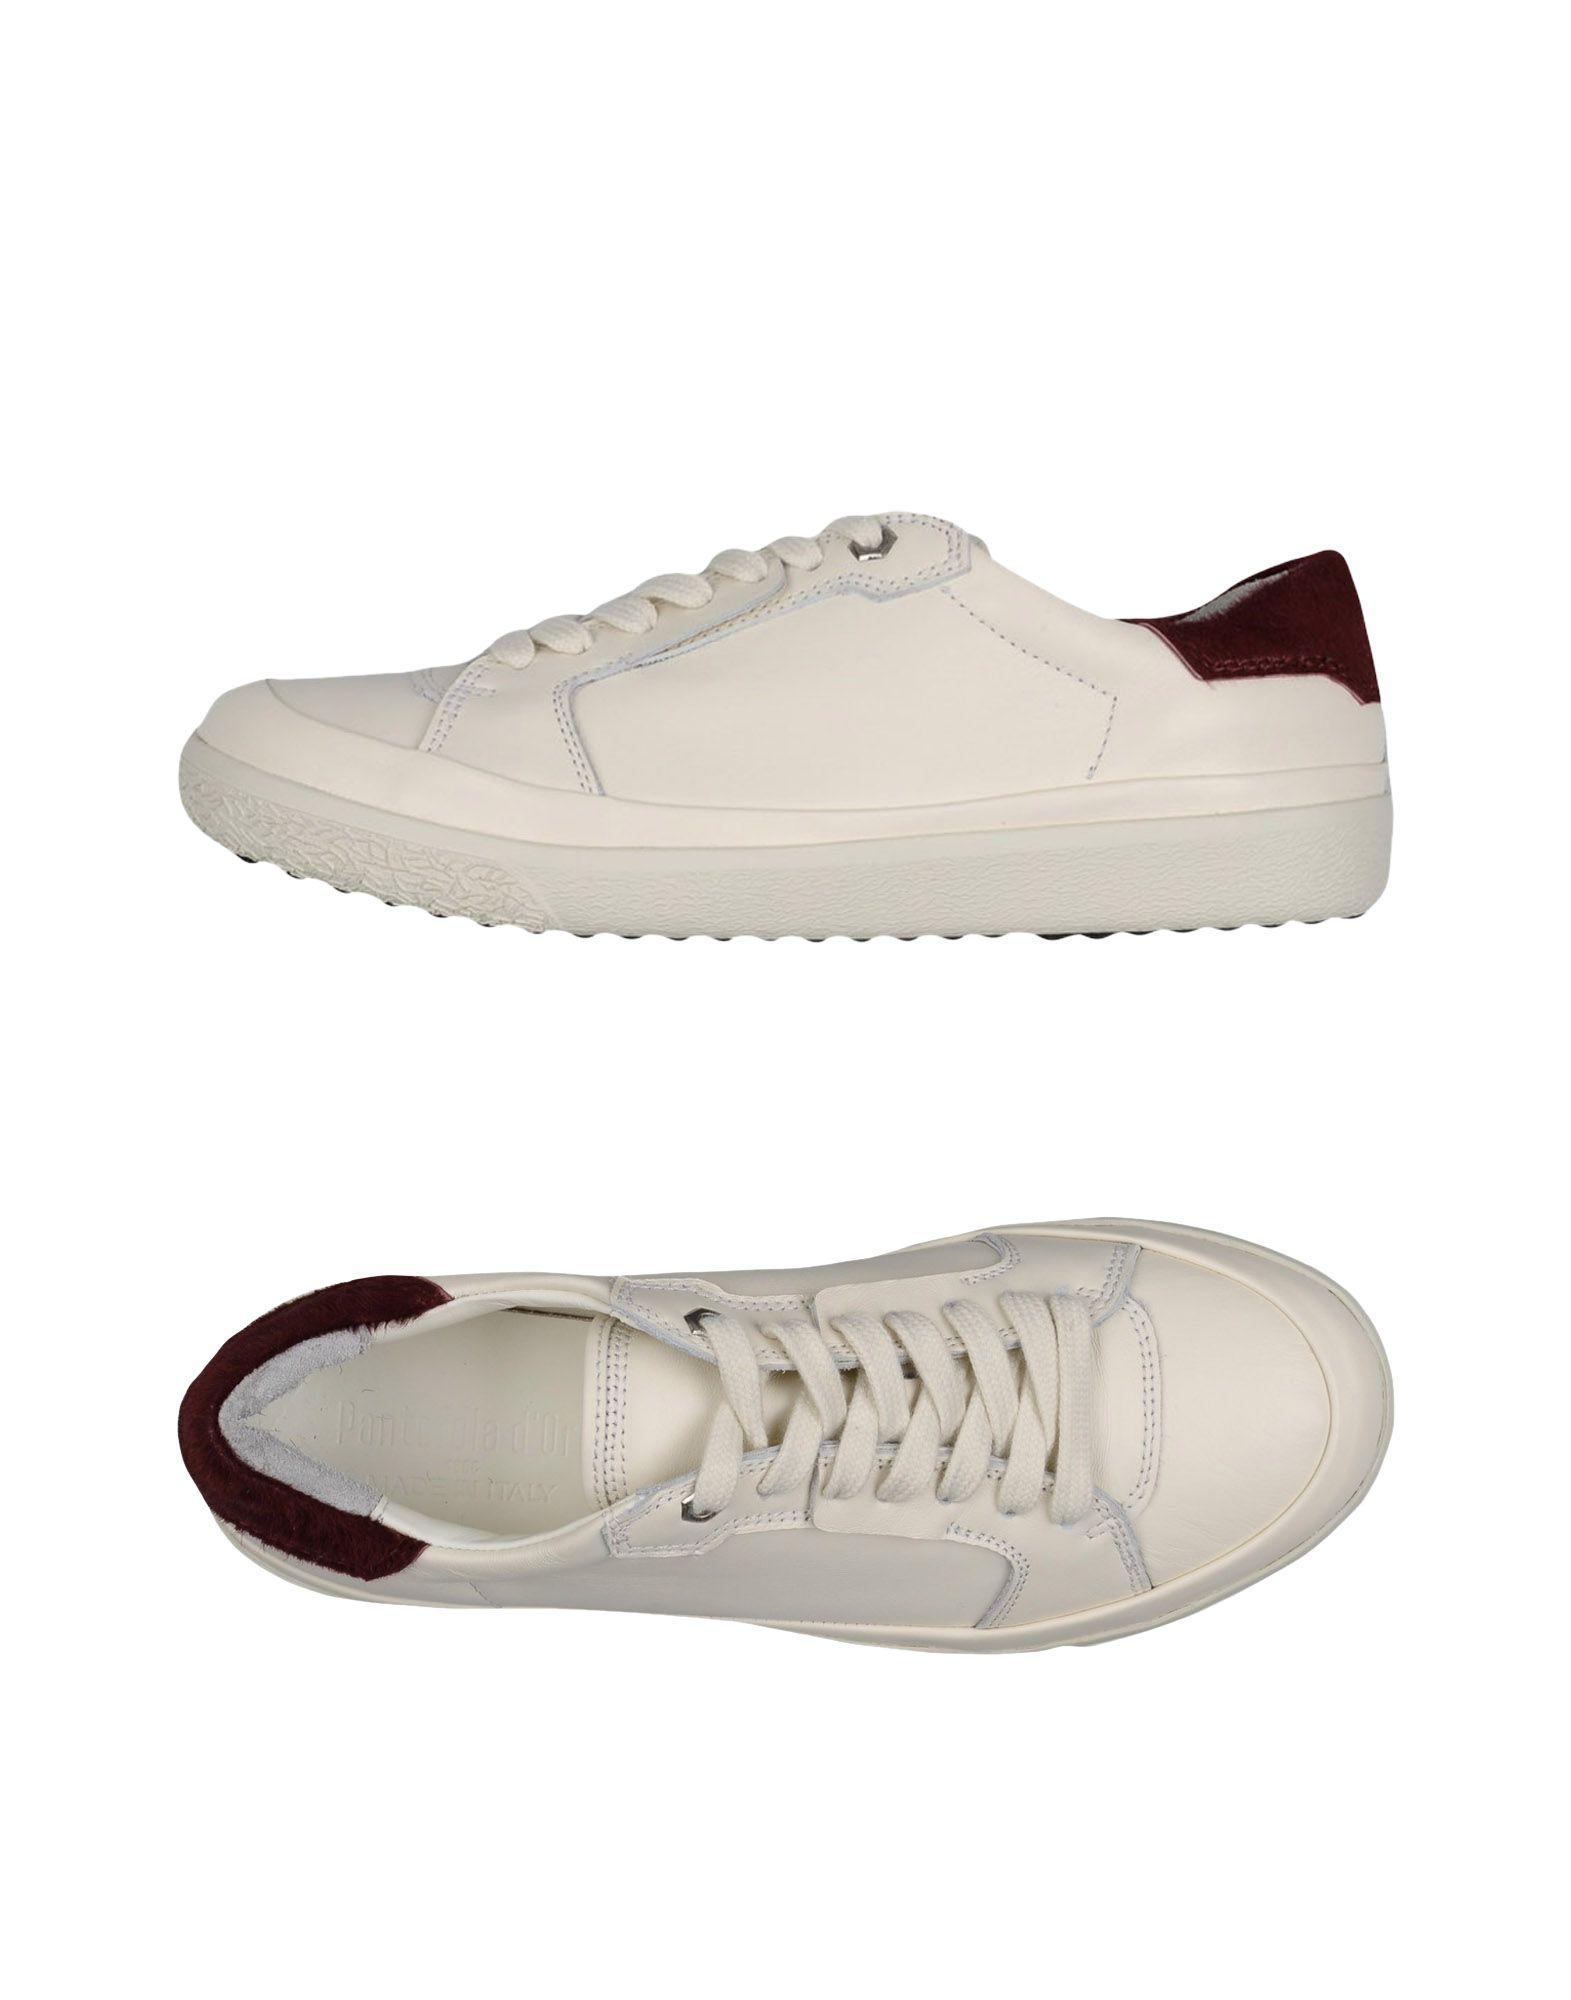 Zapatos de de Zapatos mujer baratos zapatos de mujer Zapatillas Pantofola D'oro Mujer - Zapatillas Pantofola D'oro  Blanco 9a144d